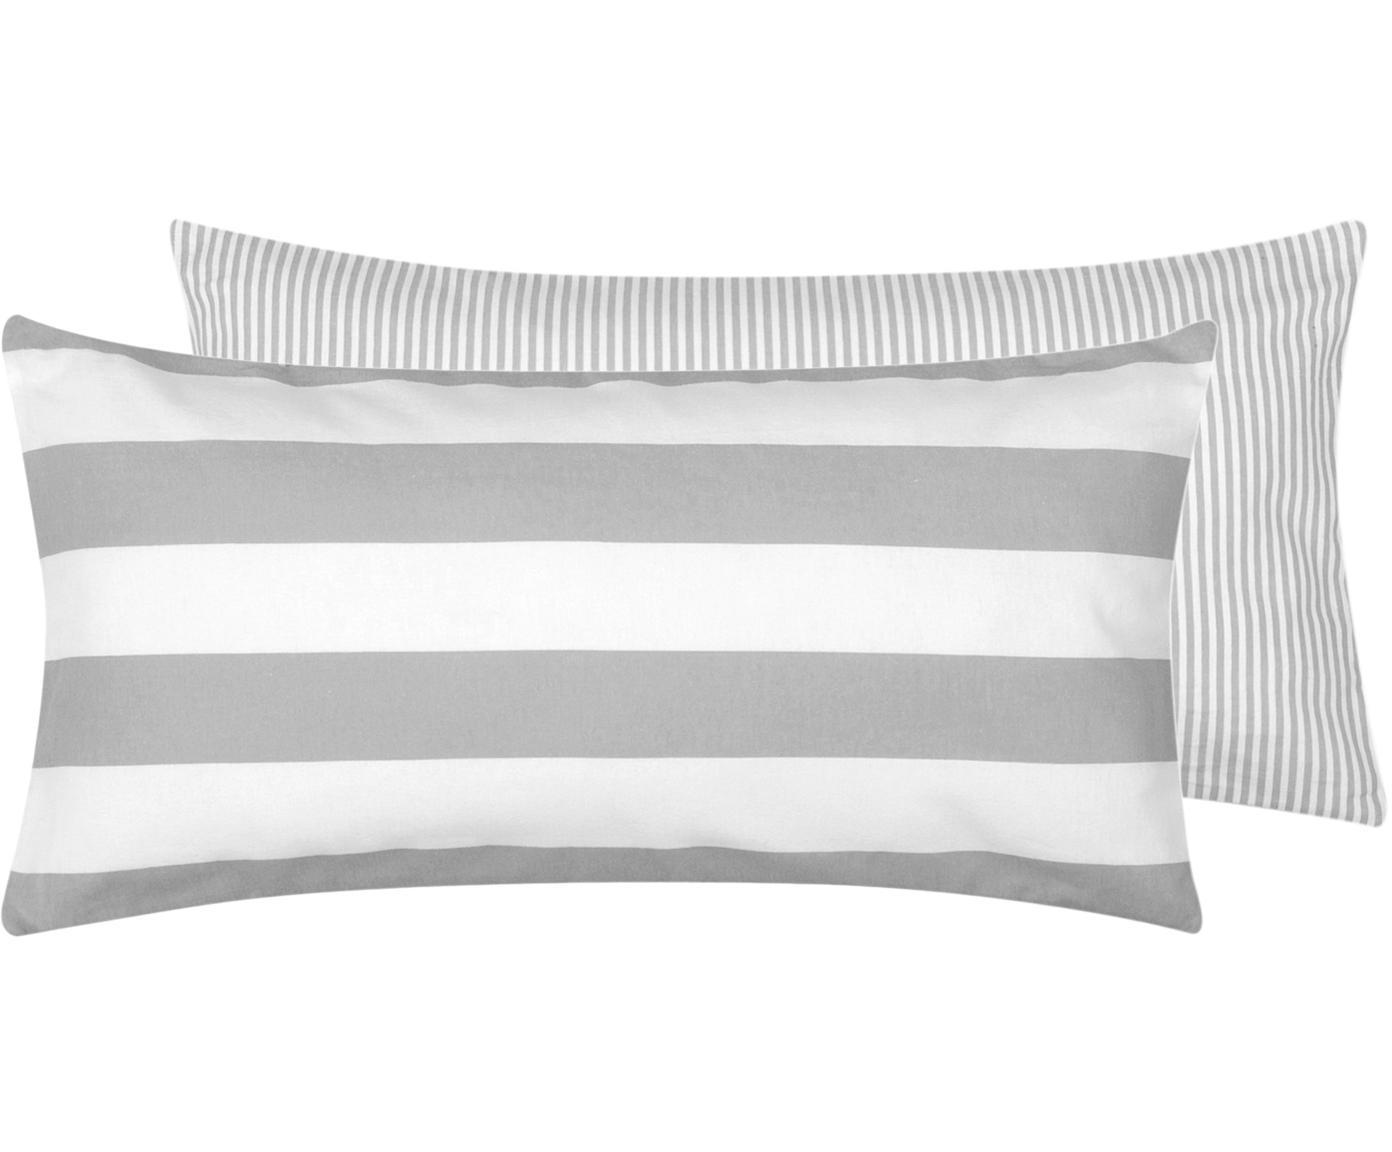 Flanell-Wendekissenbezüge Dora, gestreift, 2 Stück, Webart: Flanell Flanell ist ein s, Weiß, Grau, 40 x 80 cm